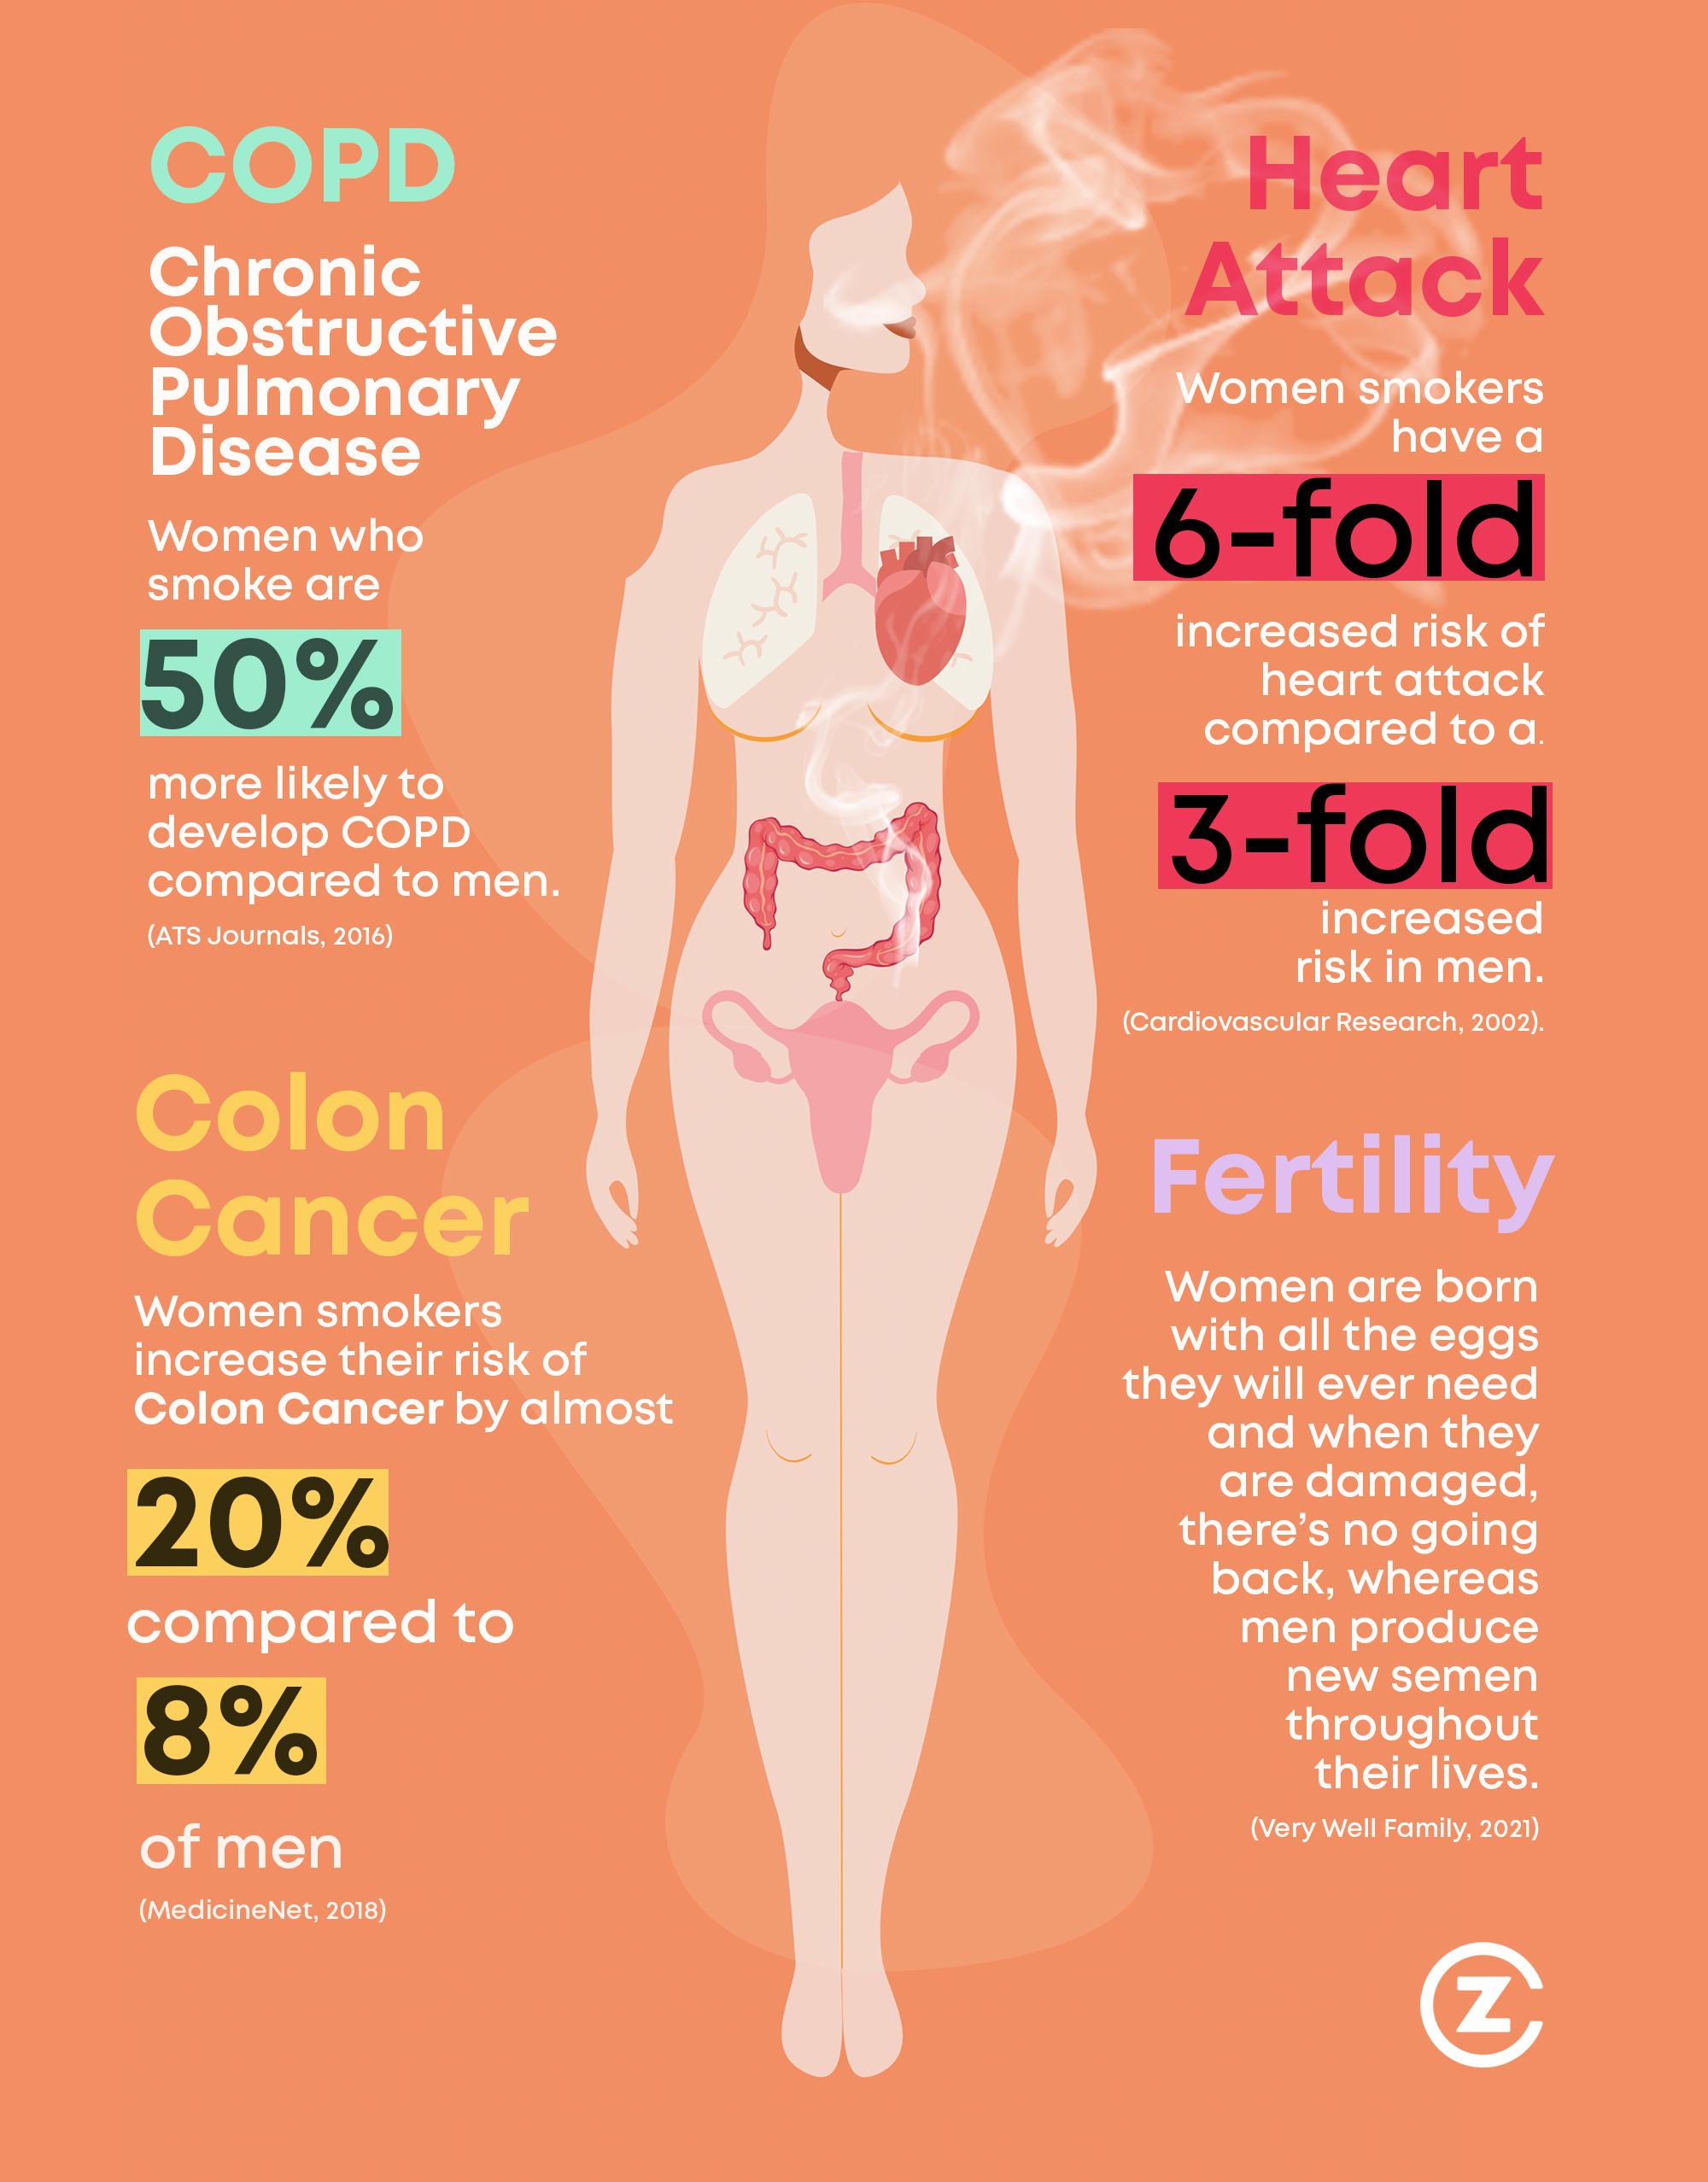 Smoking & Women's Health Infographic